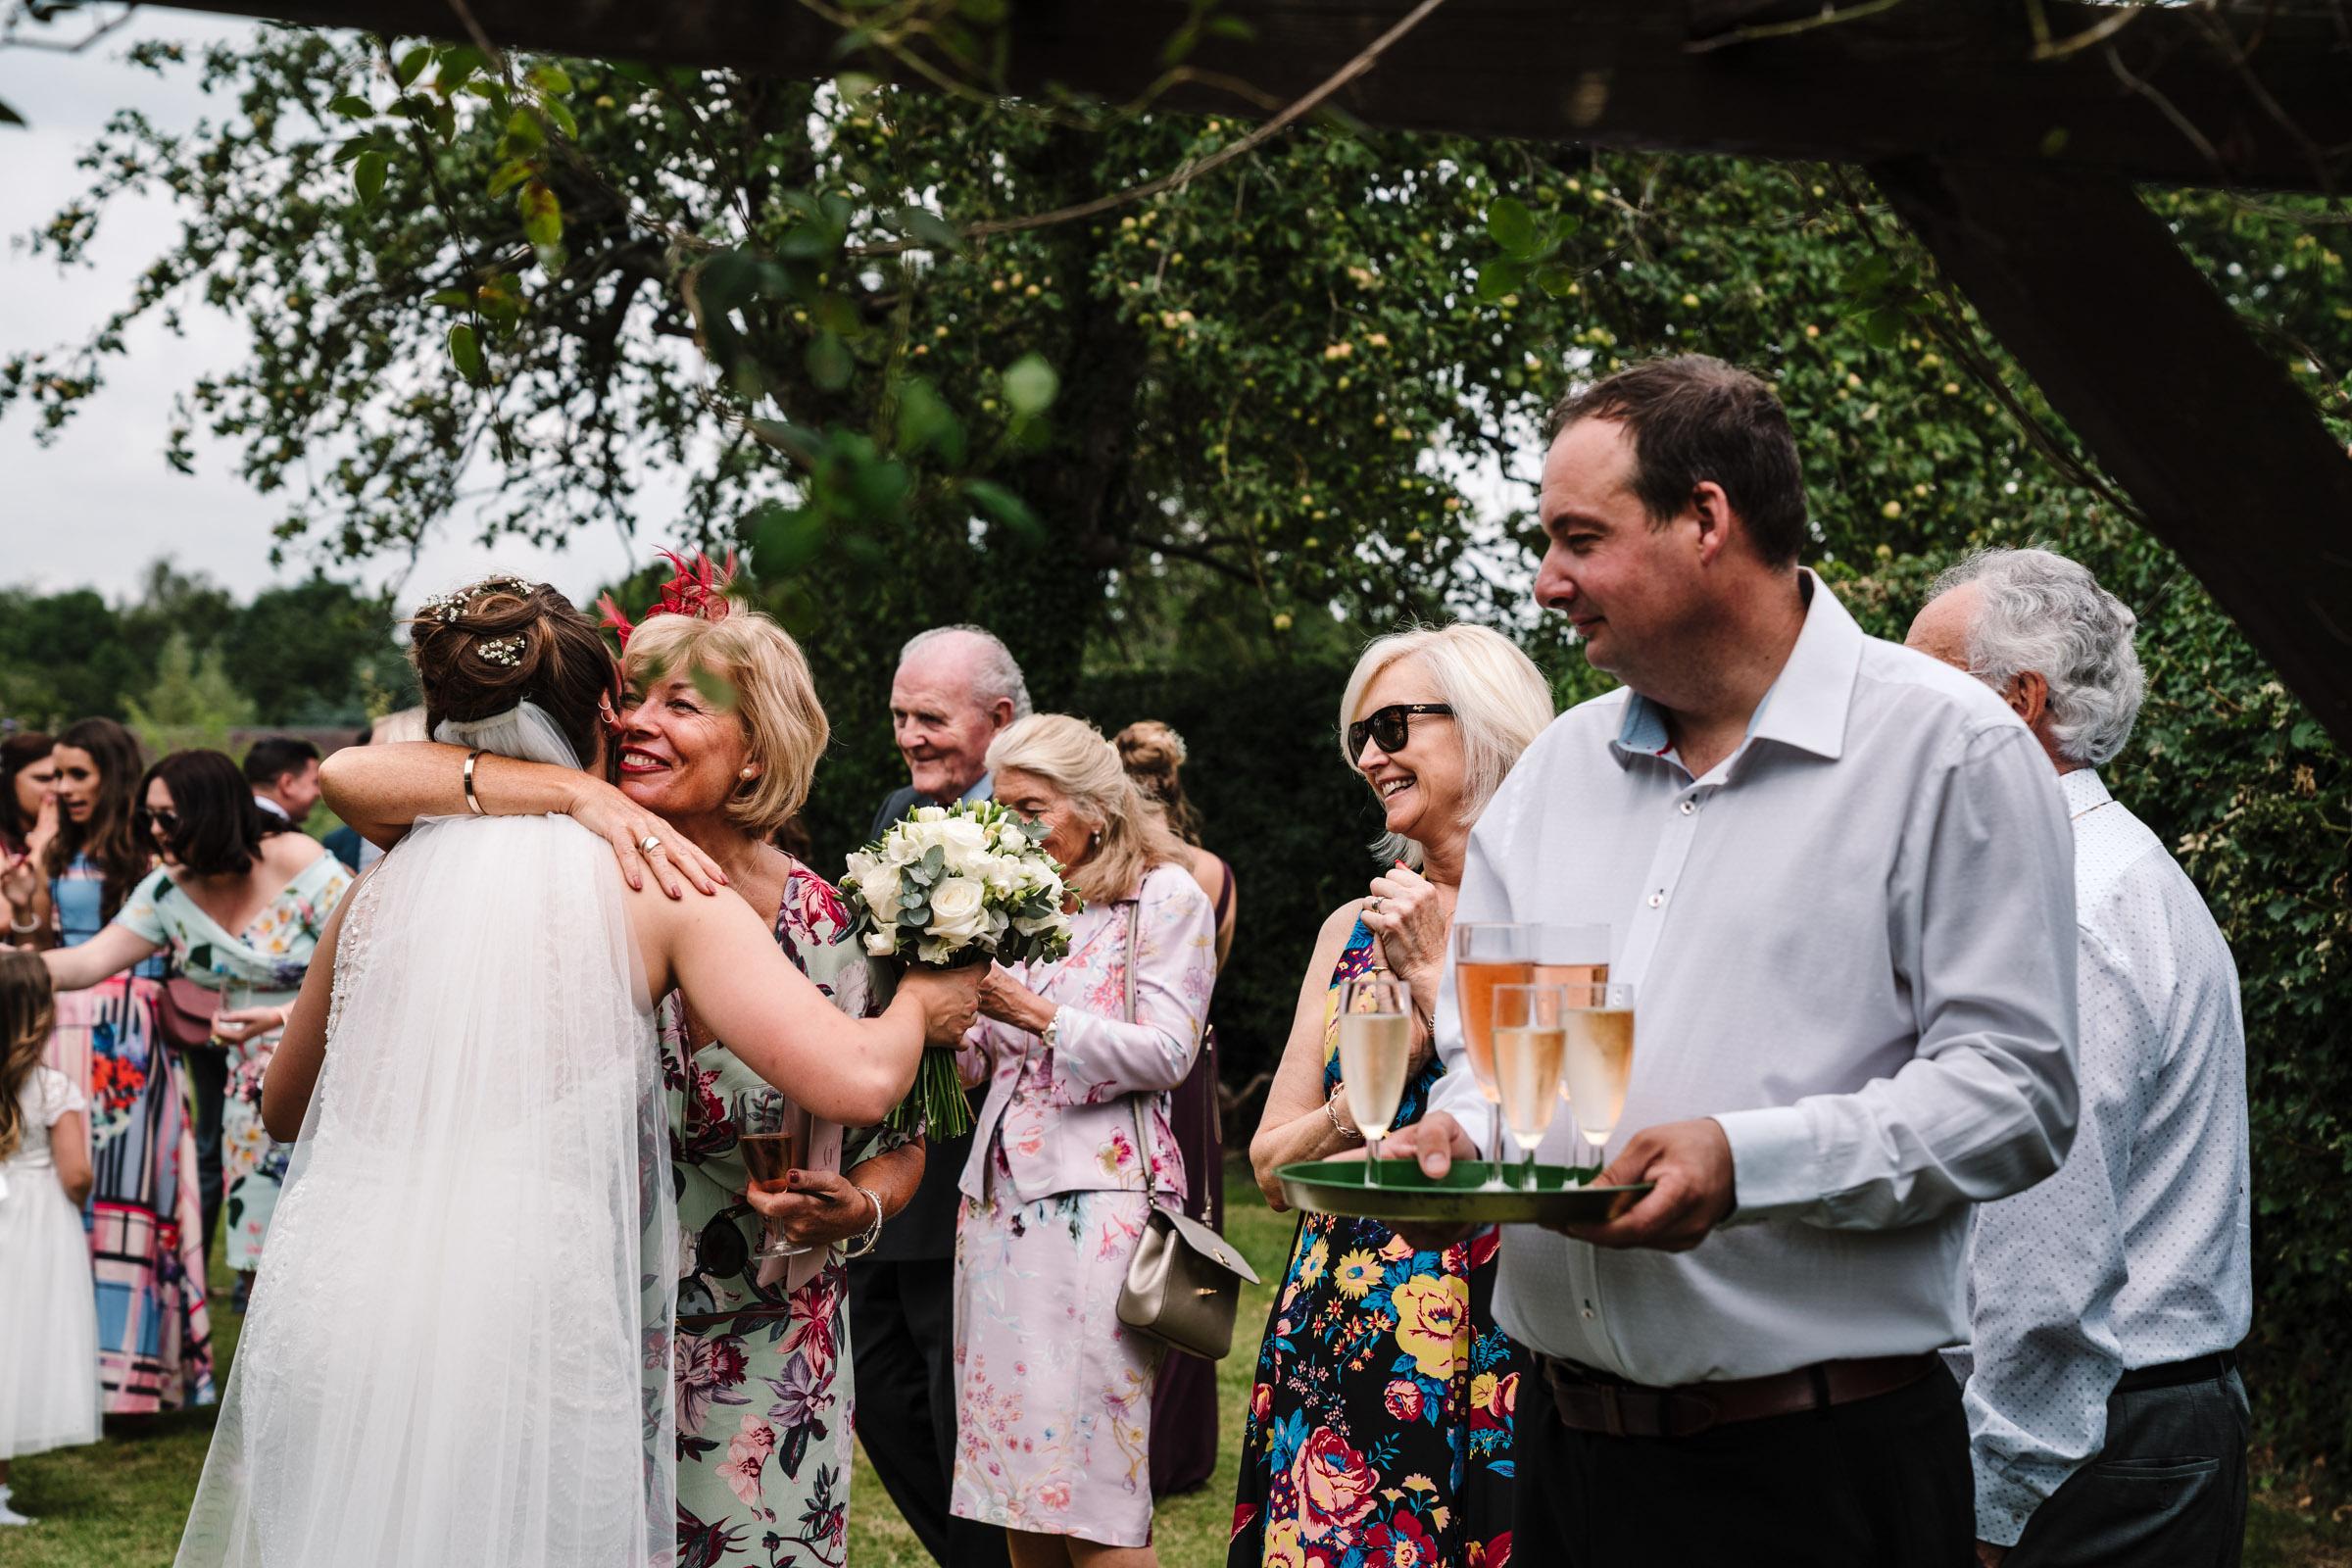 garden drinks reception at tipi wedding